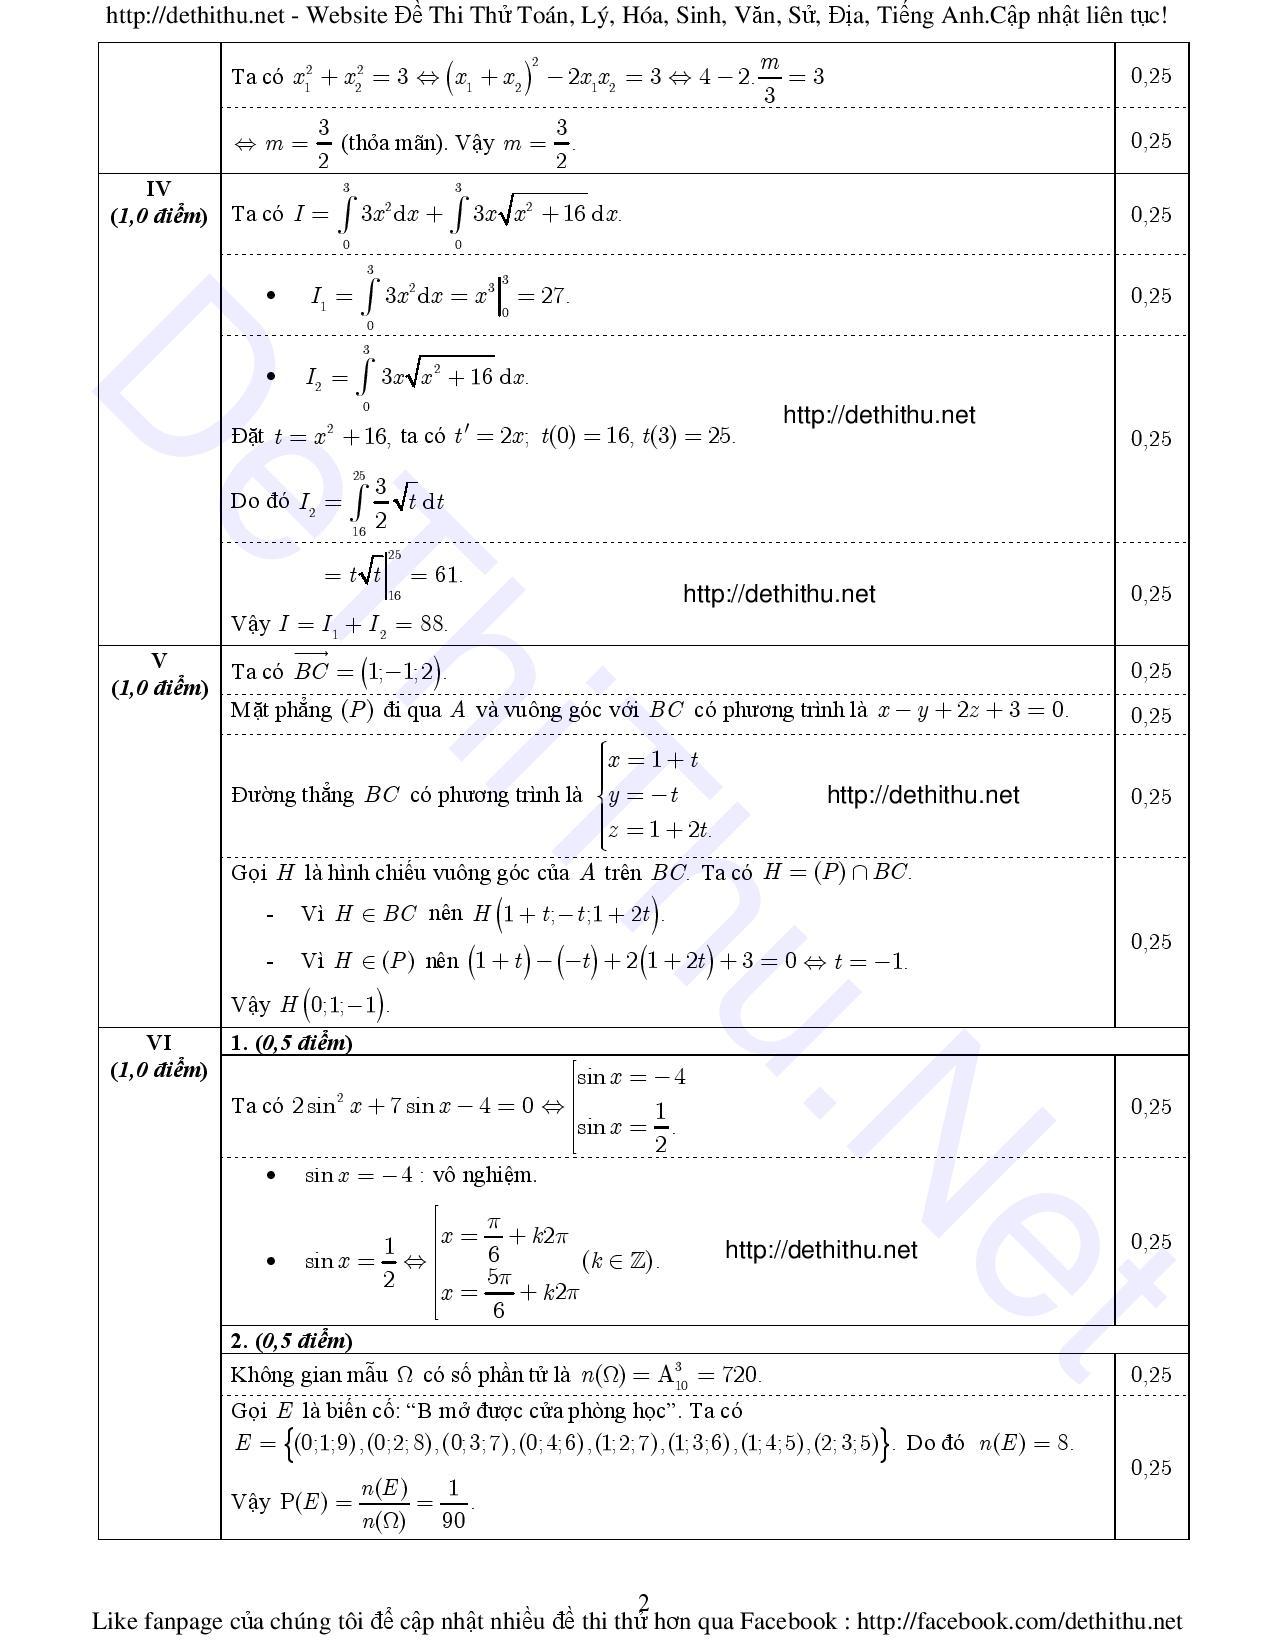 Đề thi môn Toán 2016 Bộ GD & ĐT và đáp án chính thức